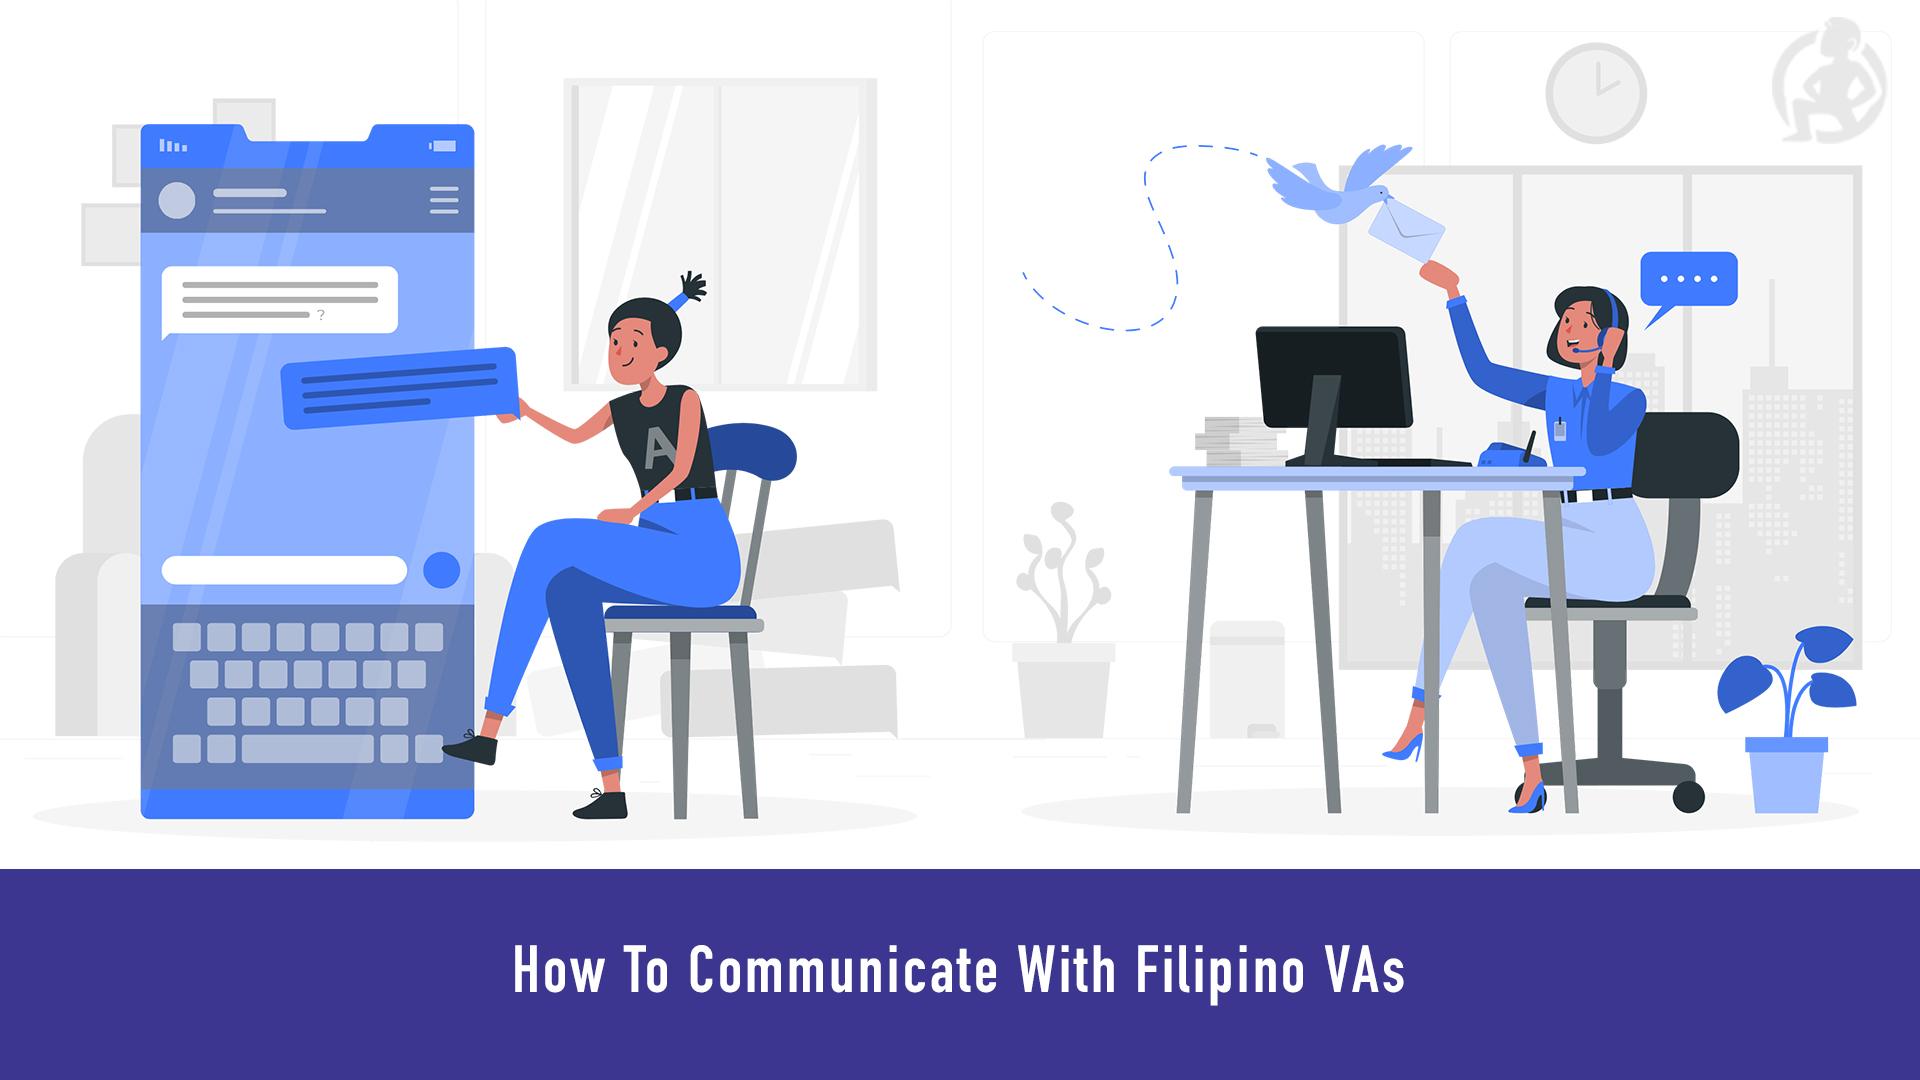 How To Communicate With Filipino VAs